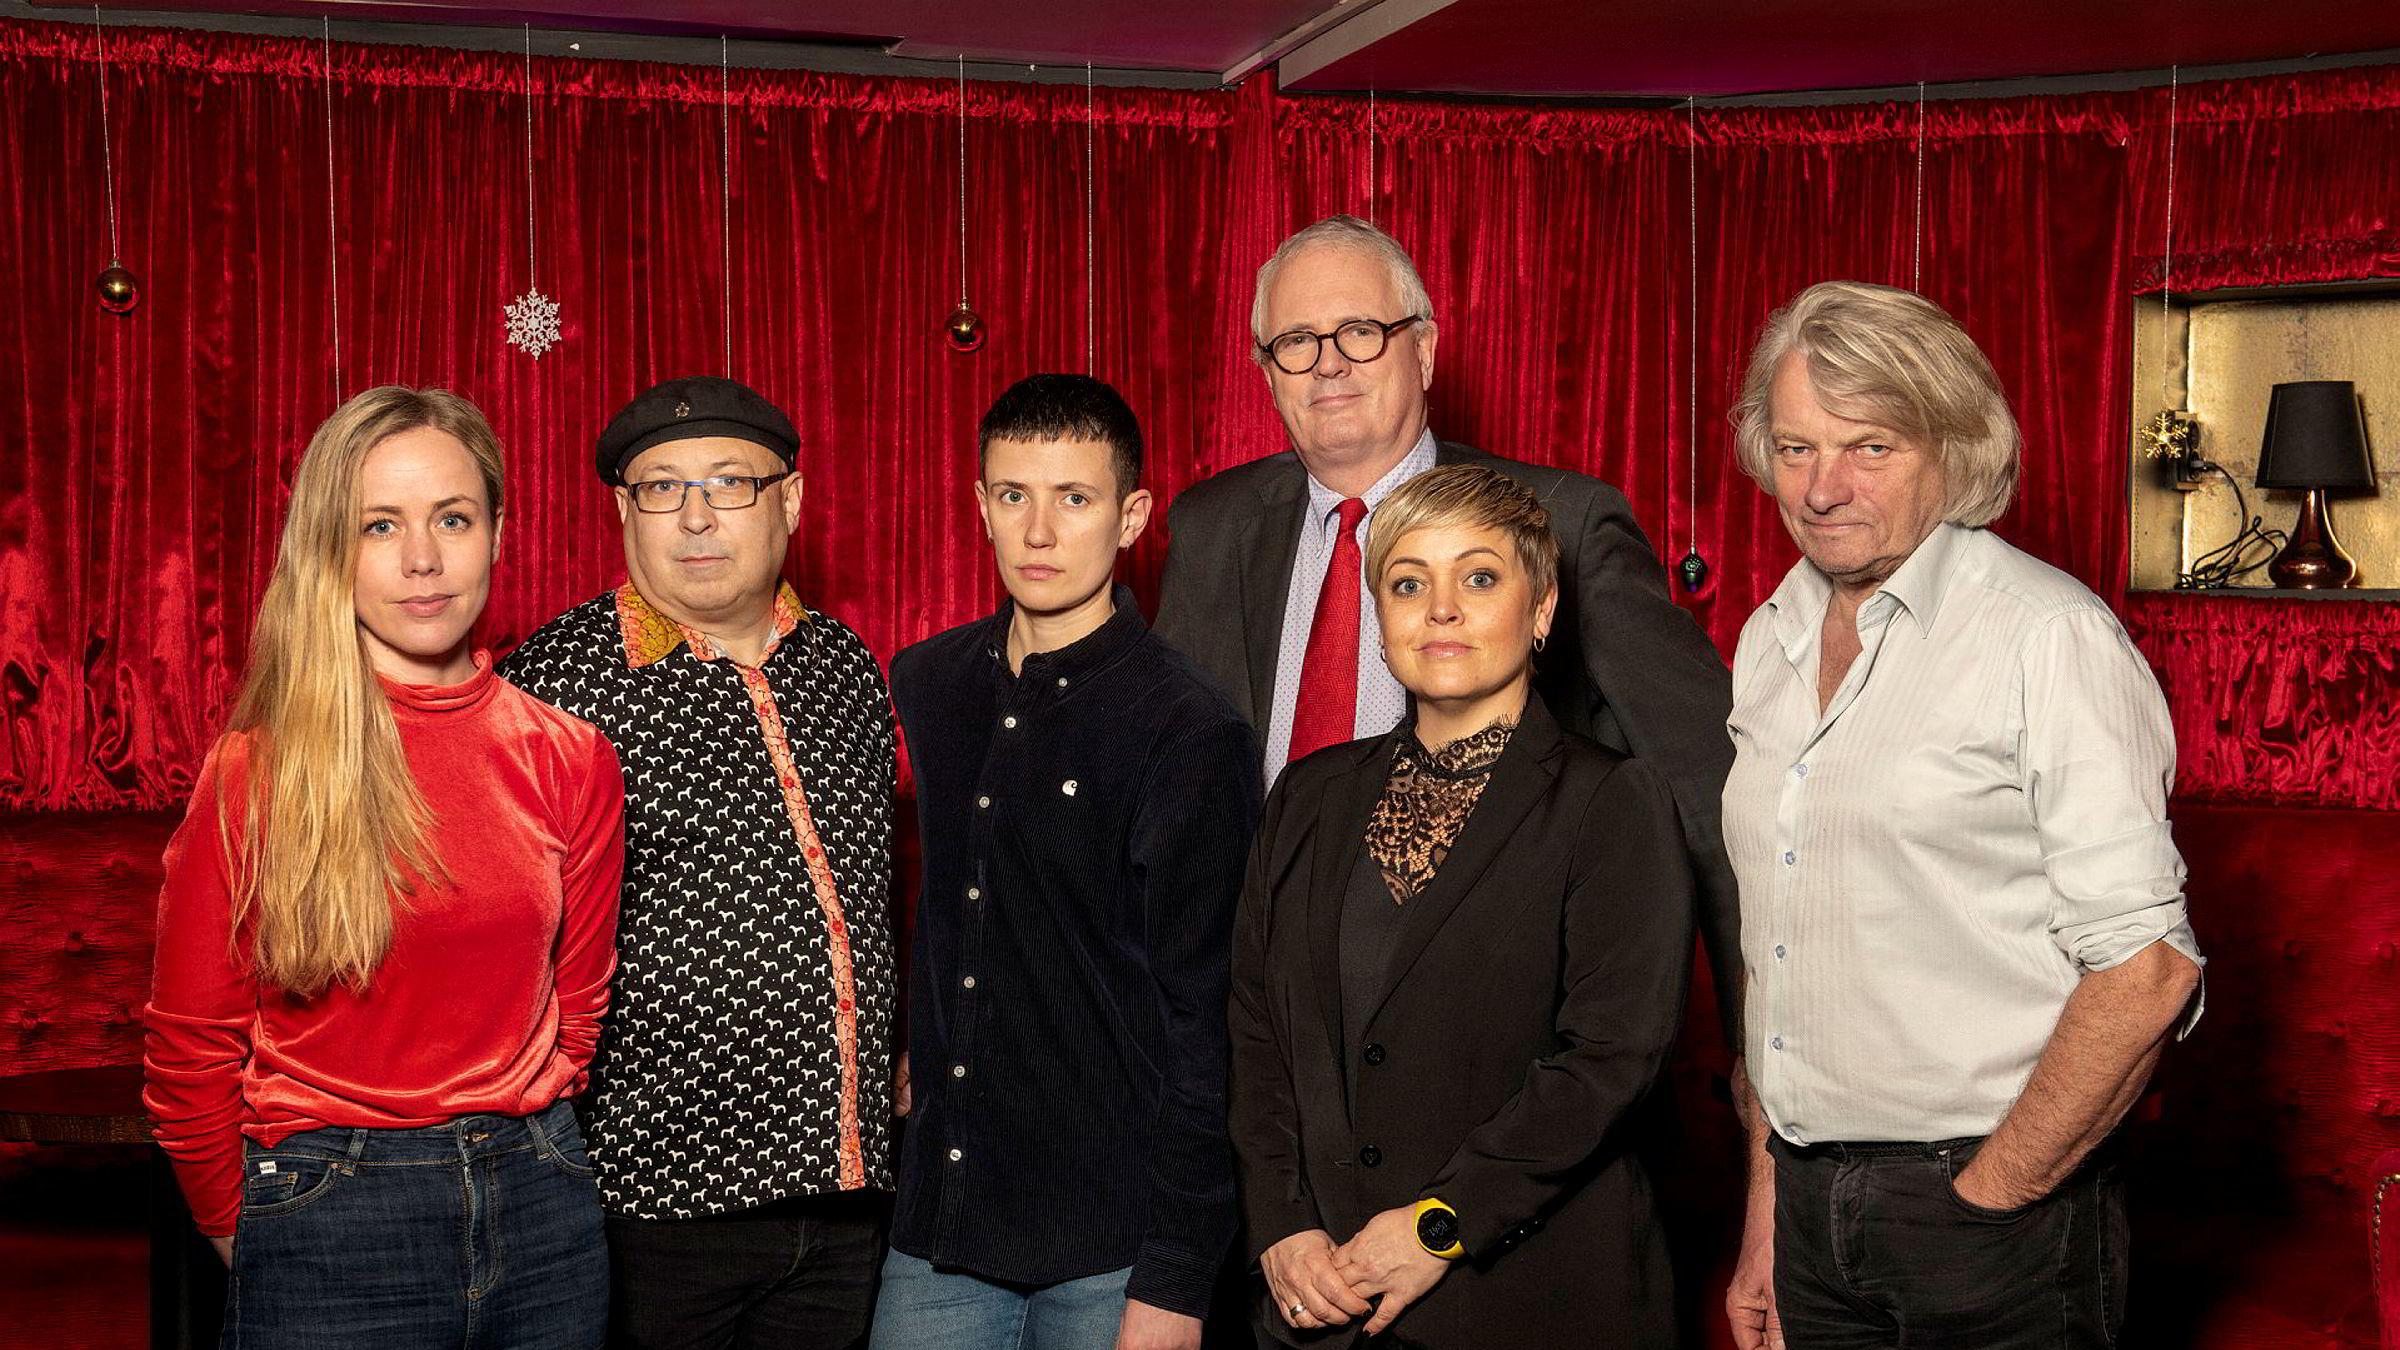 Seks av de ti i juryen, fra venstre: Elin Sofye Rabbevåg, Magne Fonn Hafskor, Josefin Winther, Torstein Selvik, Marita Andresen og Jan Eggum.